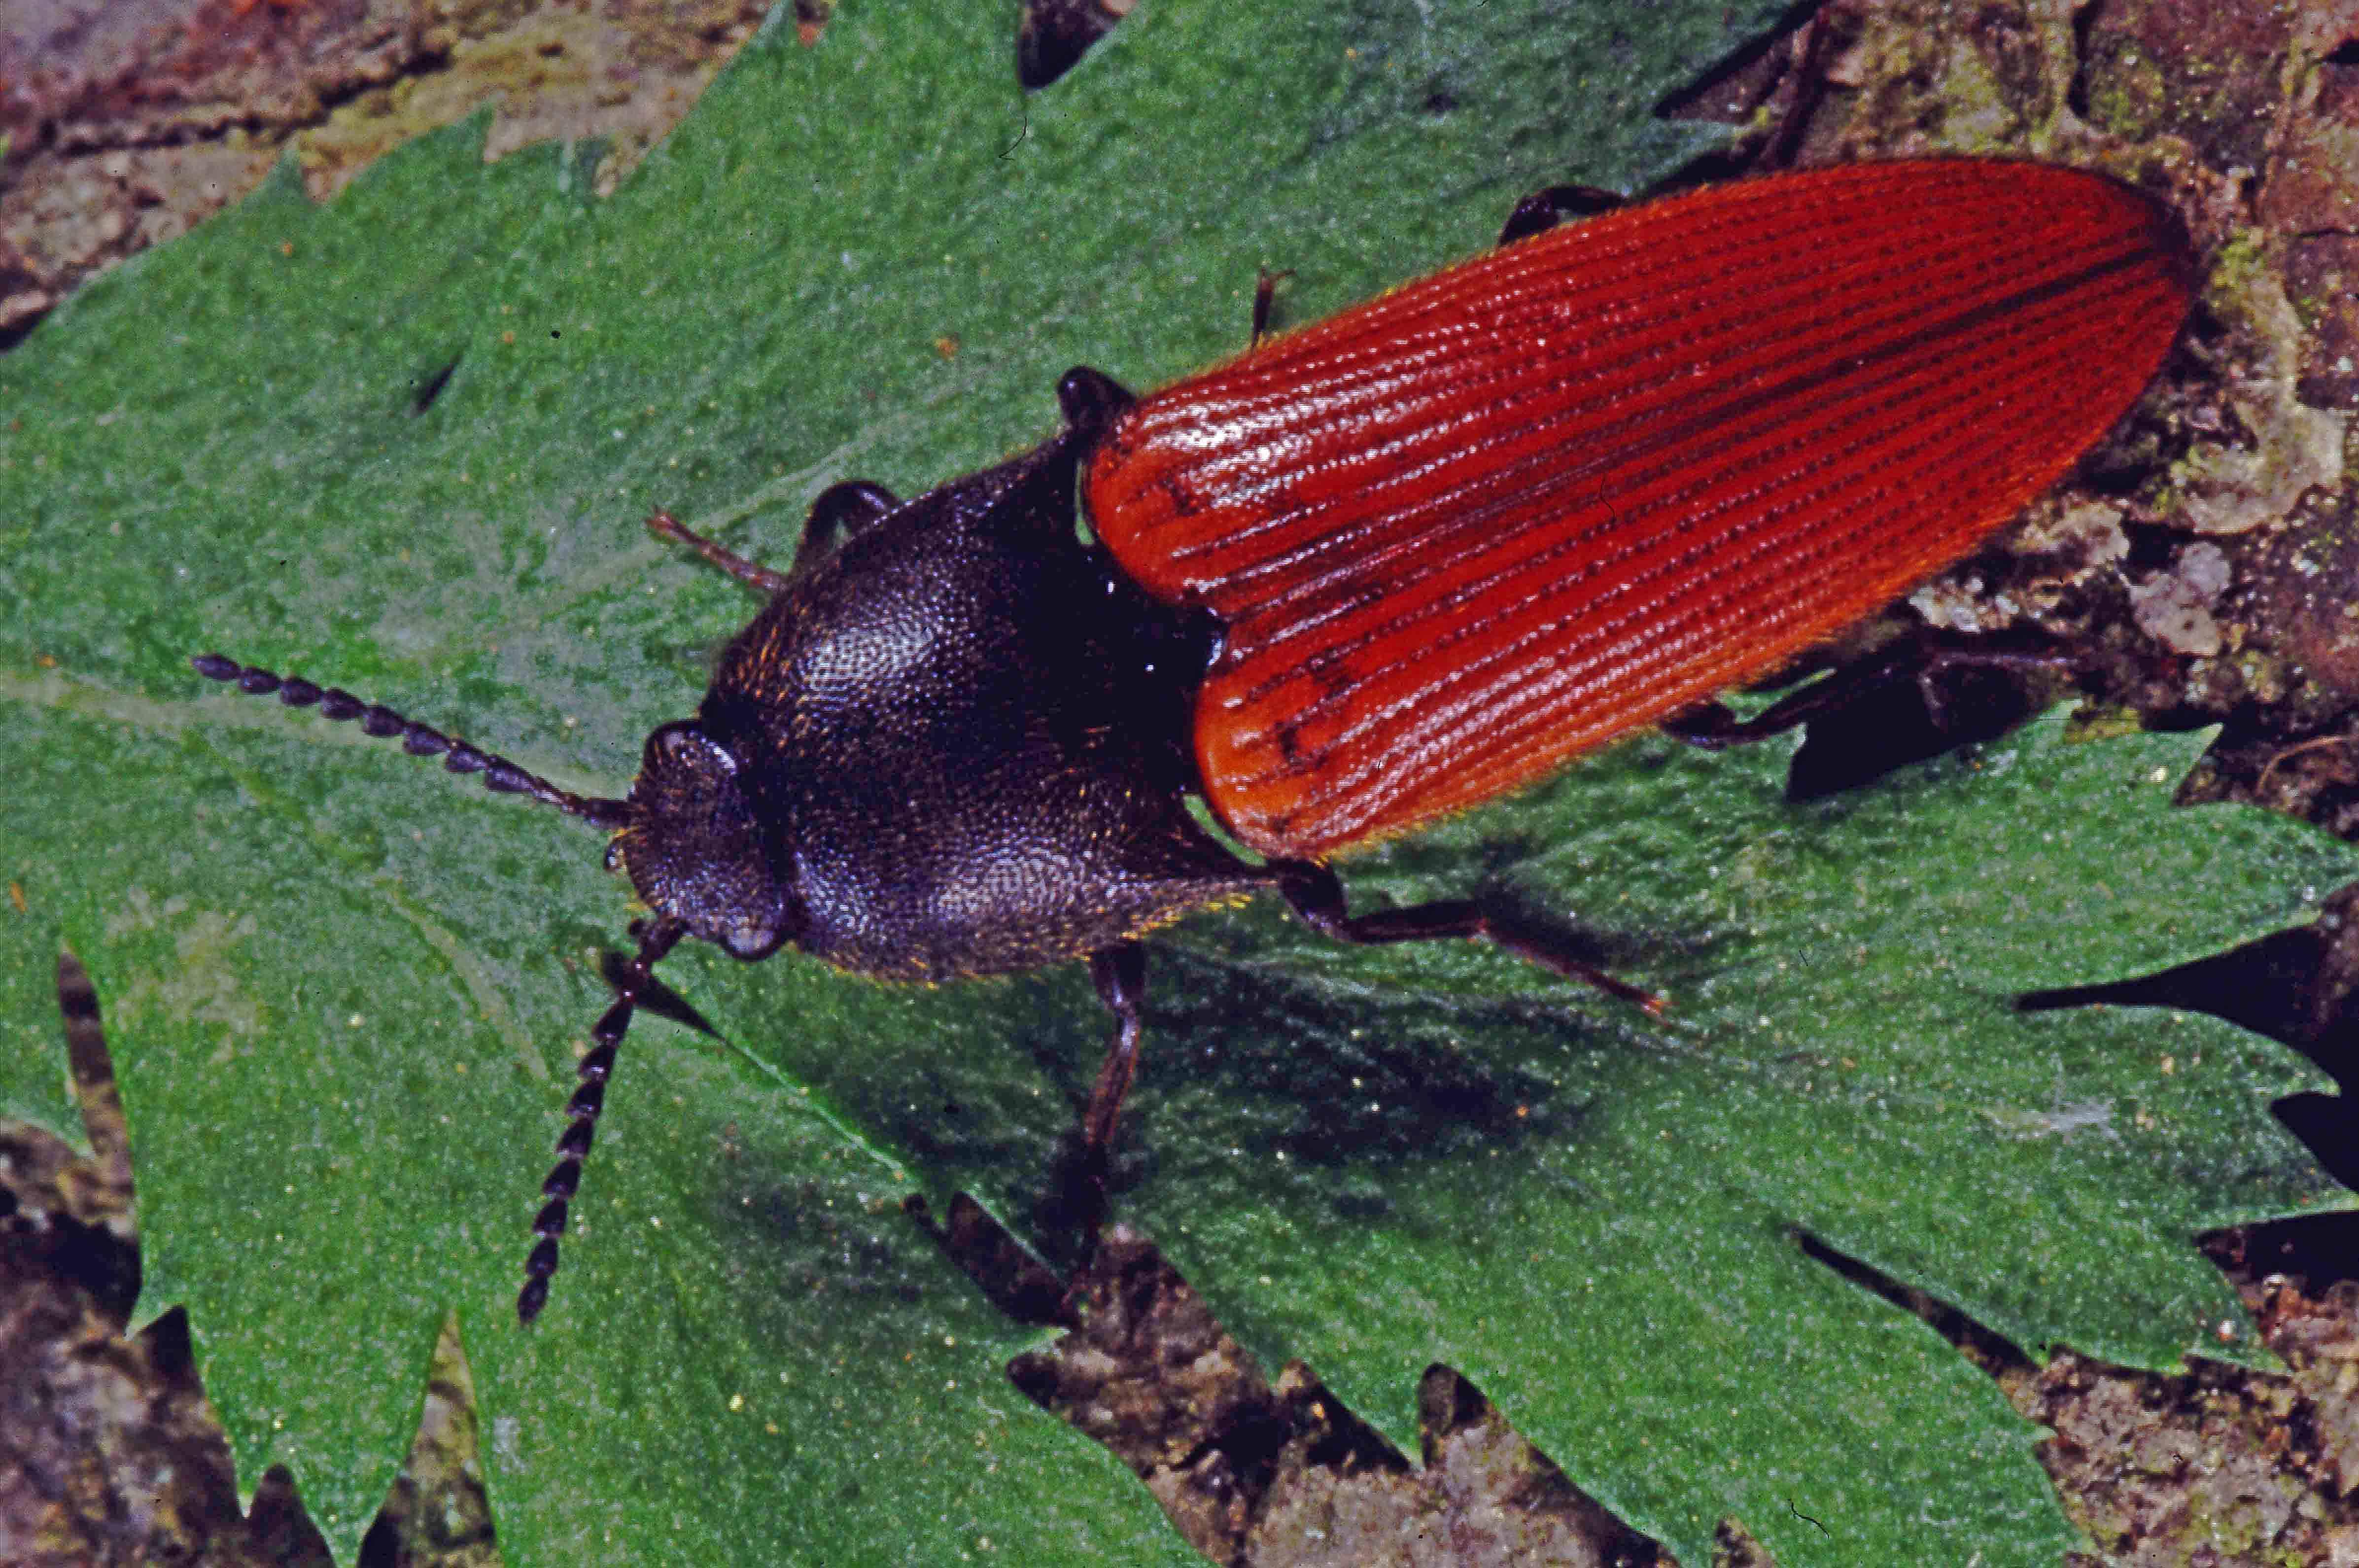 Zinnoberroter Schnellkäfer (Ampedus cinnabarinus). © G. C. Möller